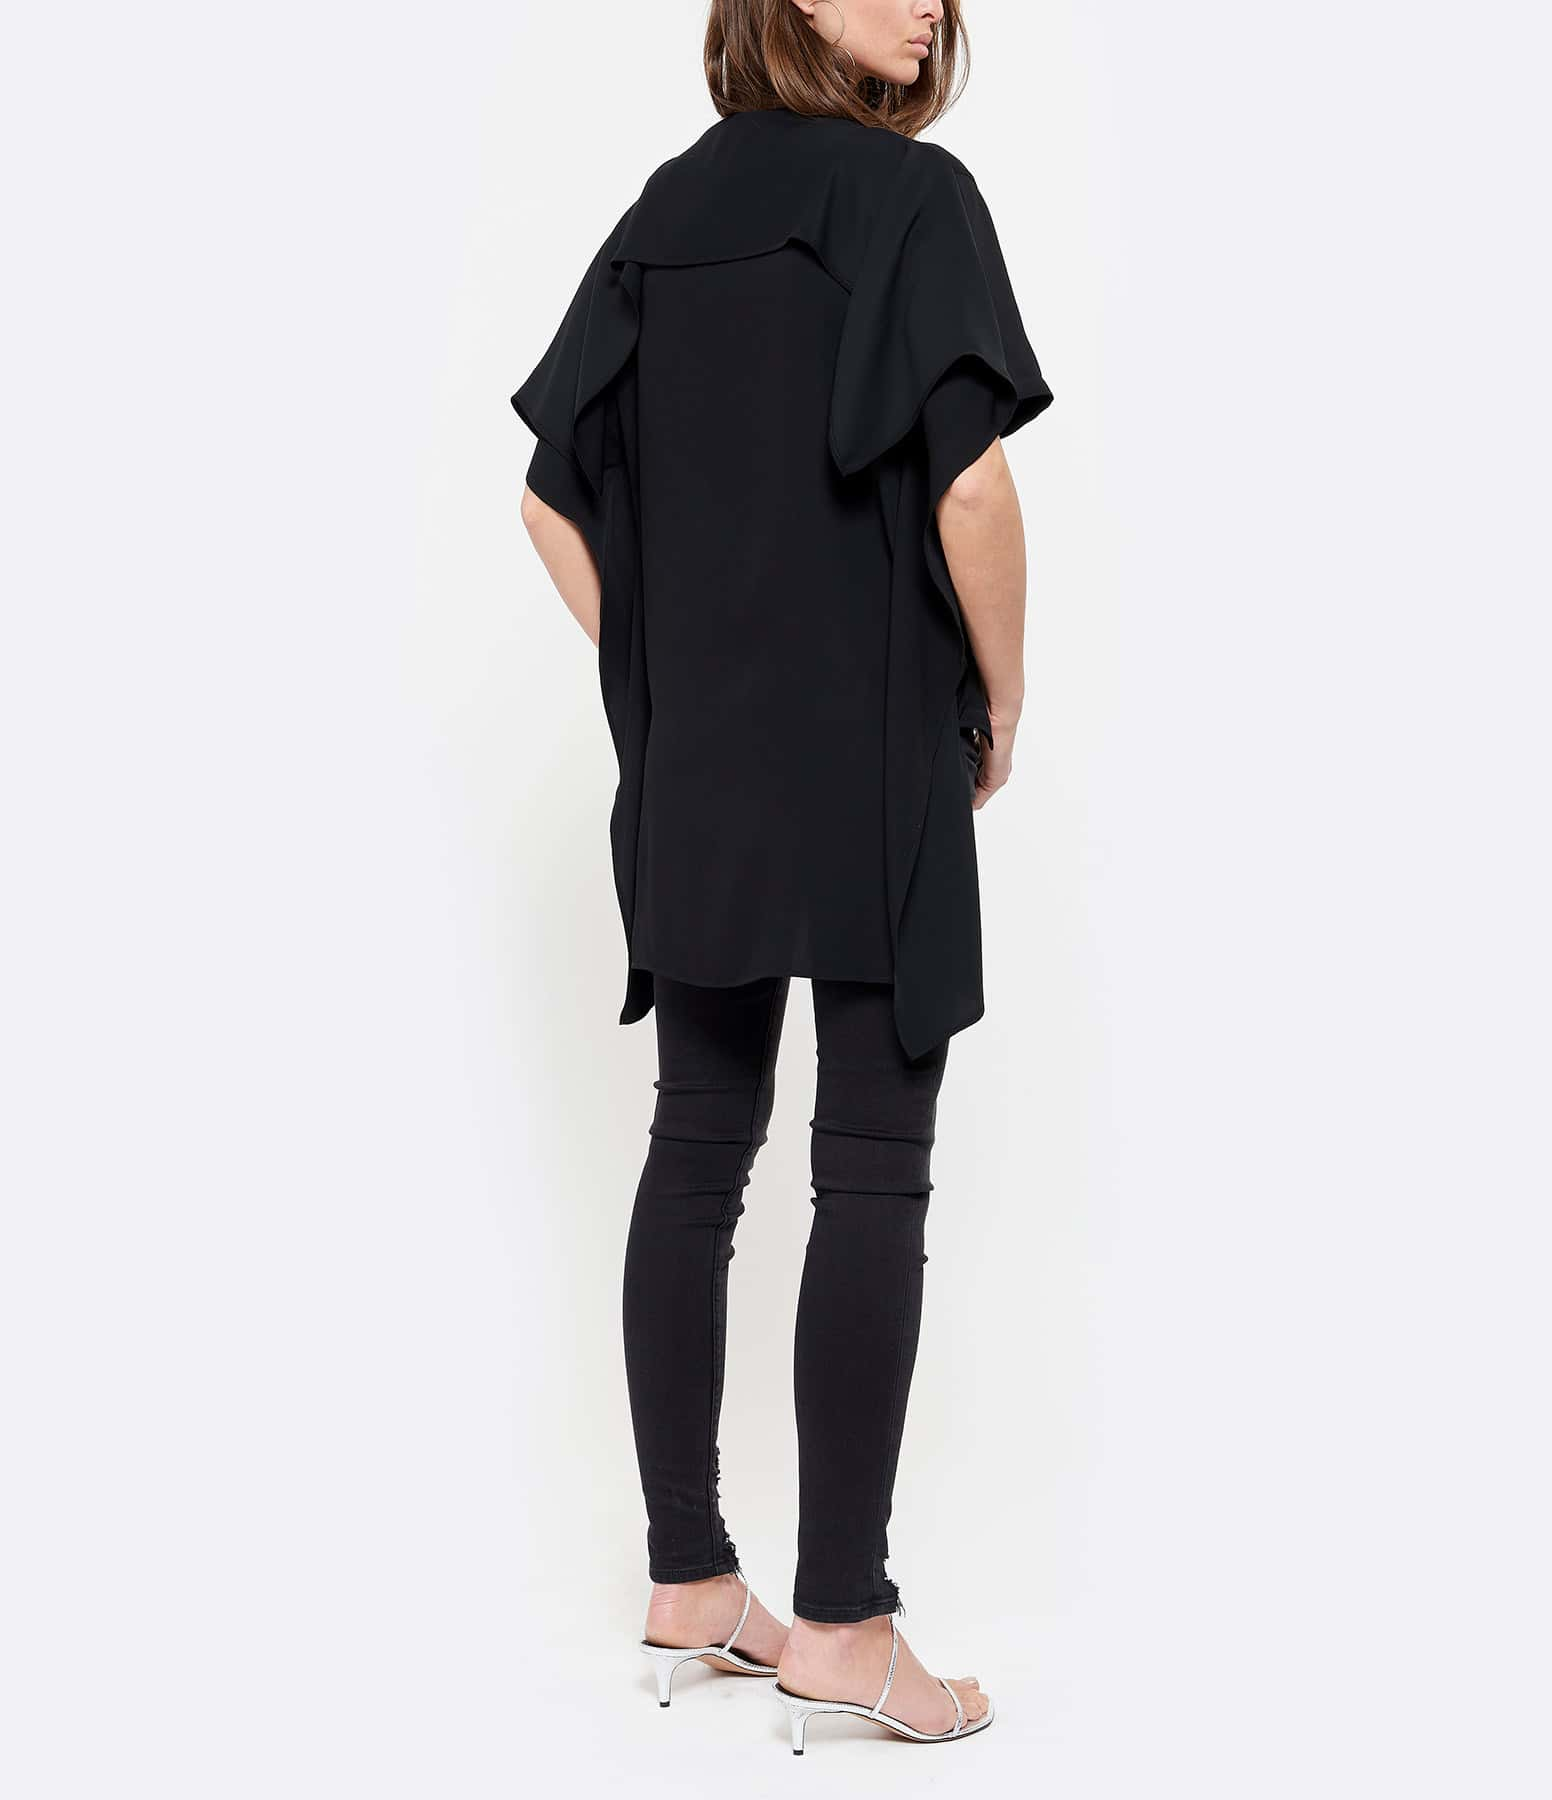 MM6 MAISON MARGIELA - Tee-shirt Noir